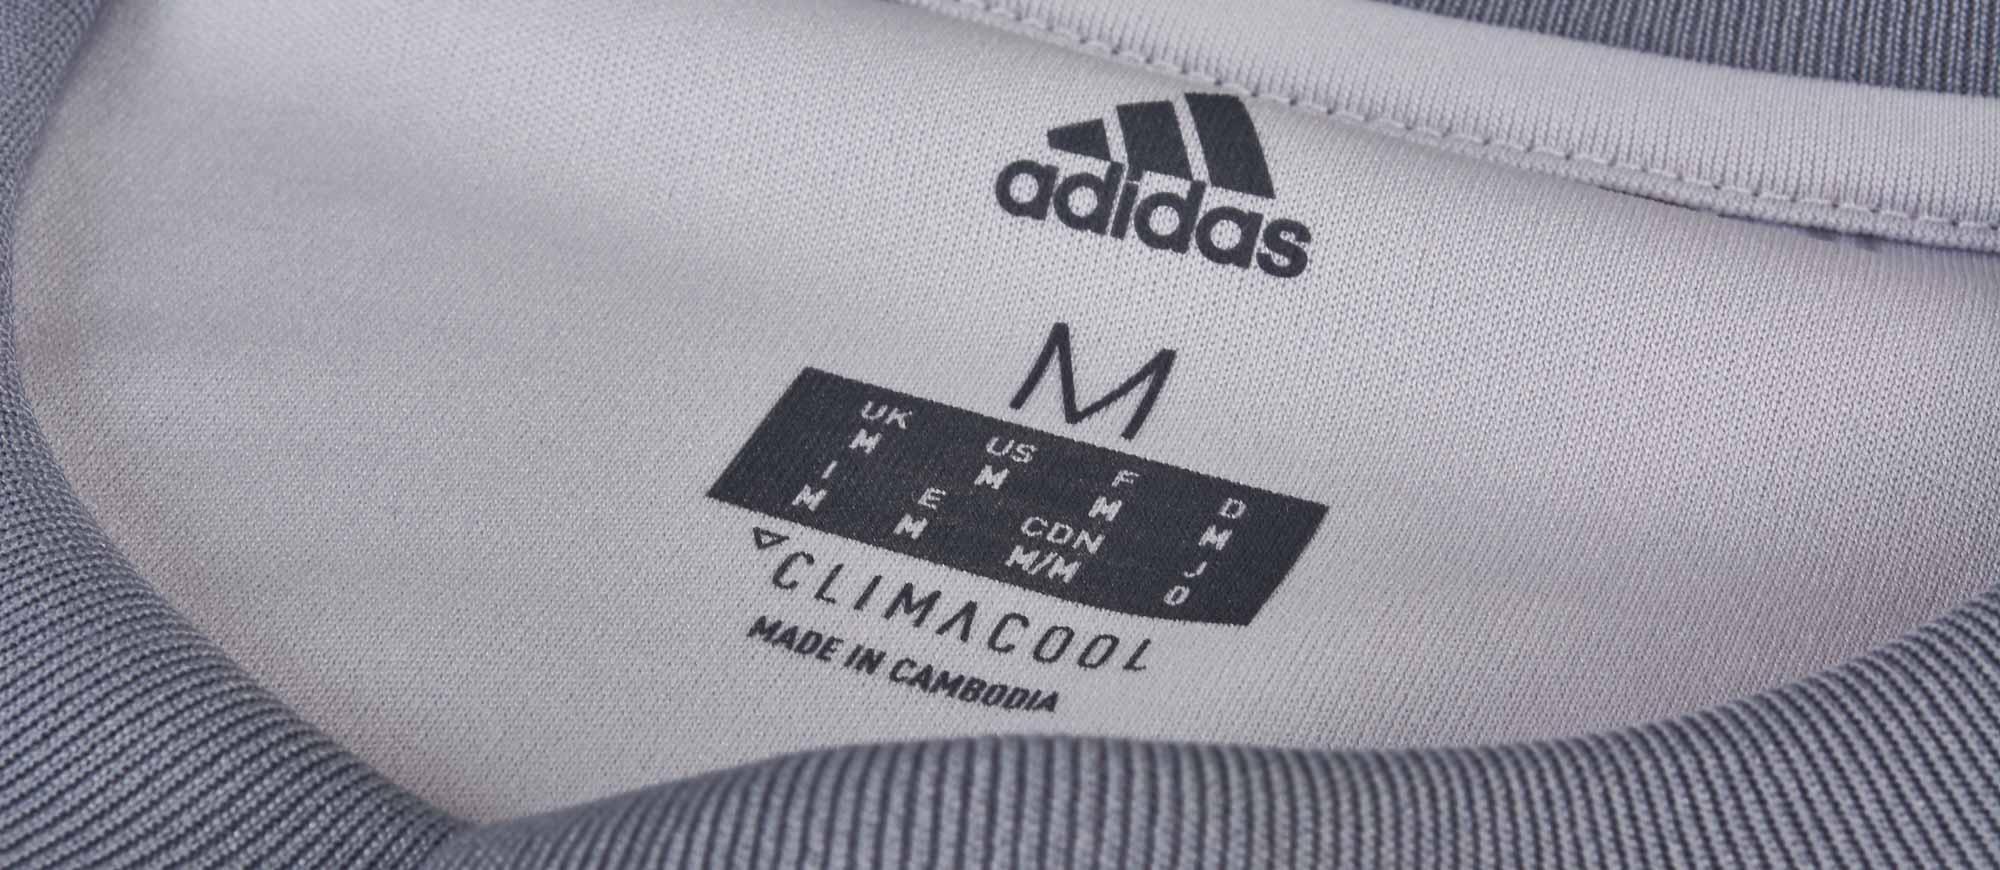 Real Madrid Adidas Away Goalkeeper Shirt 2018/19 (Kids)